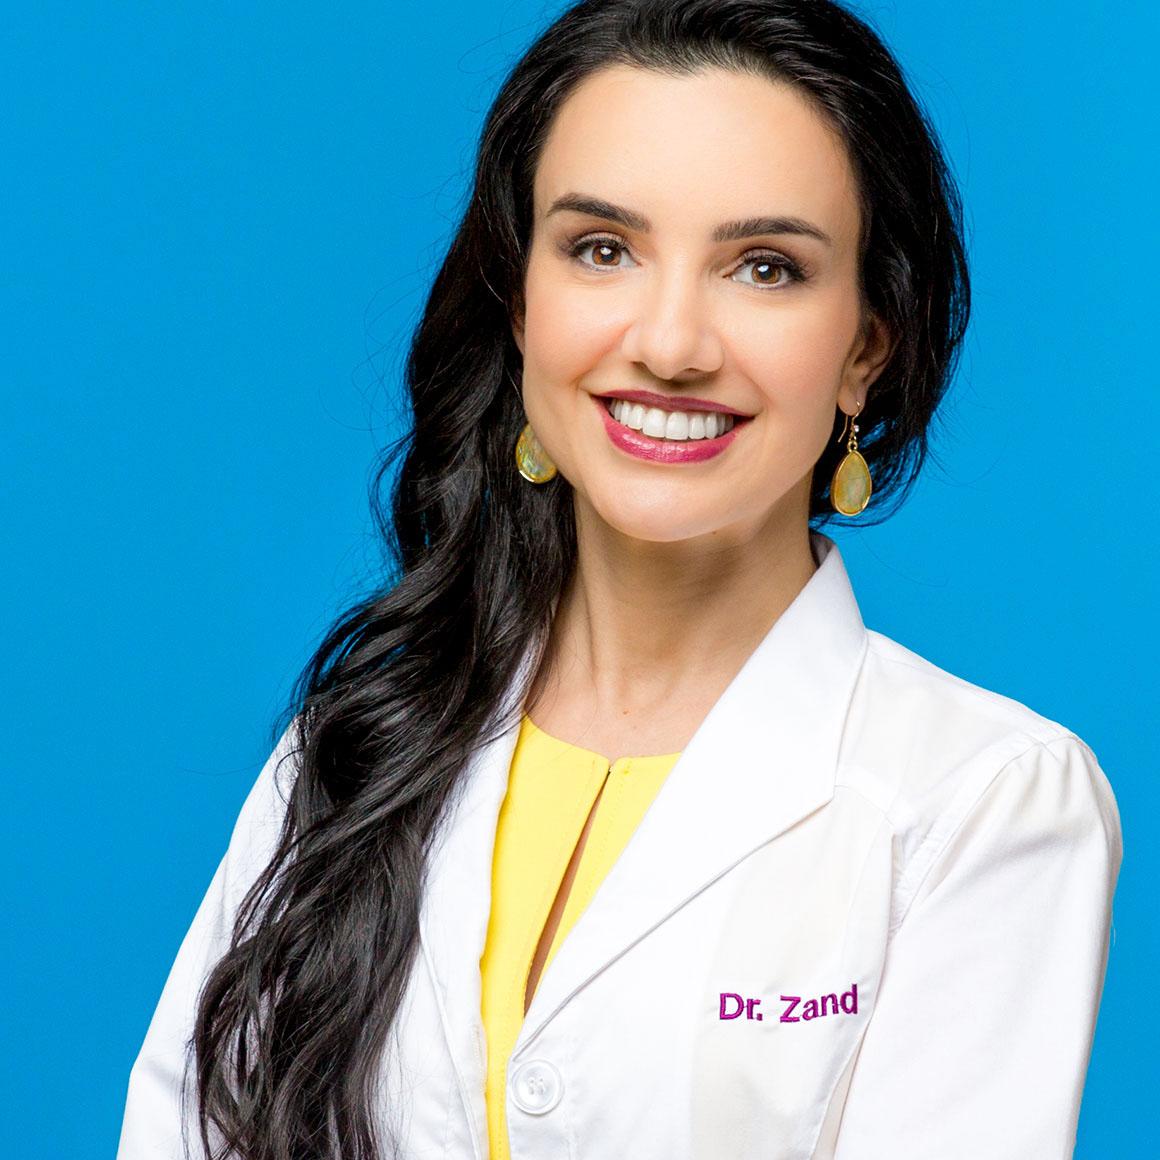 Dr. Zand